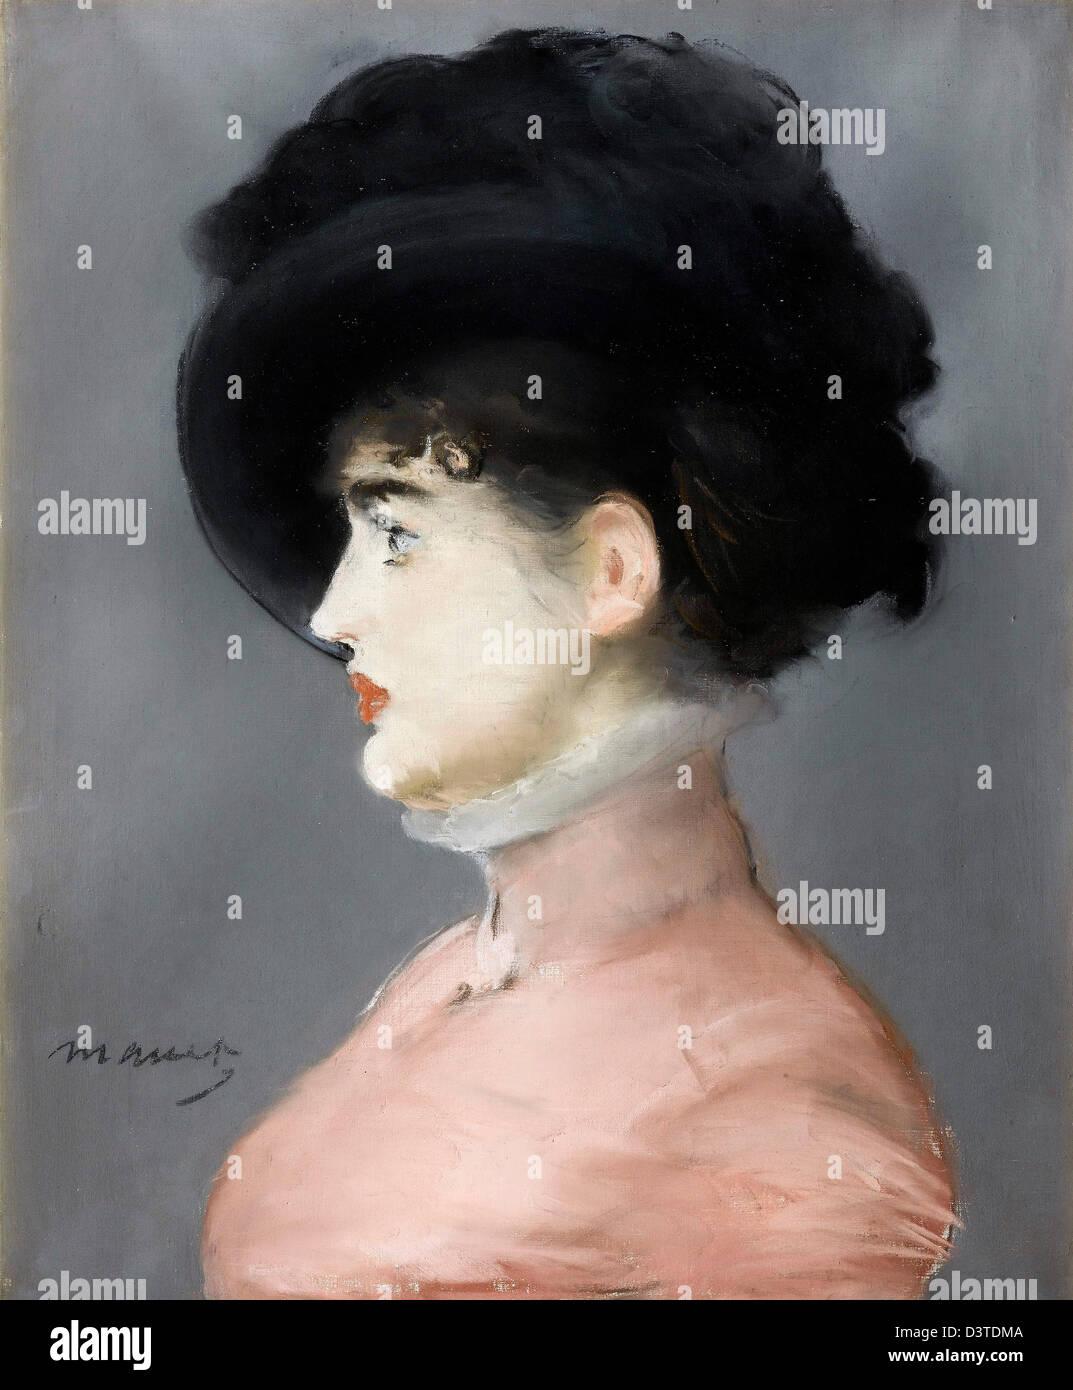 Edouard Manet, Irma Brunner 1880 Pastell. Musée d ' Orsay, Paris Stockbild